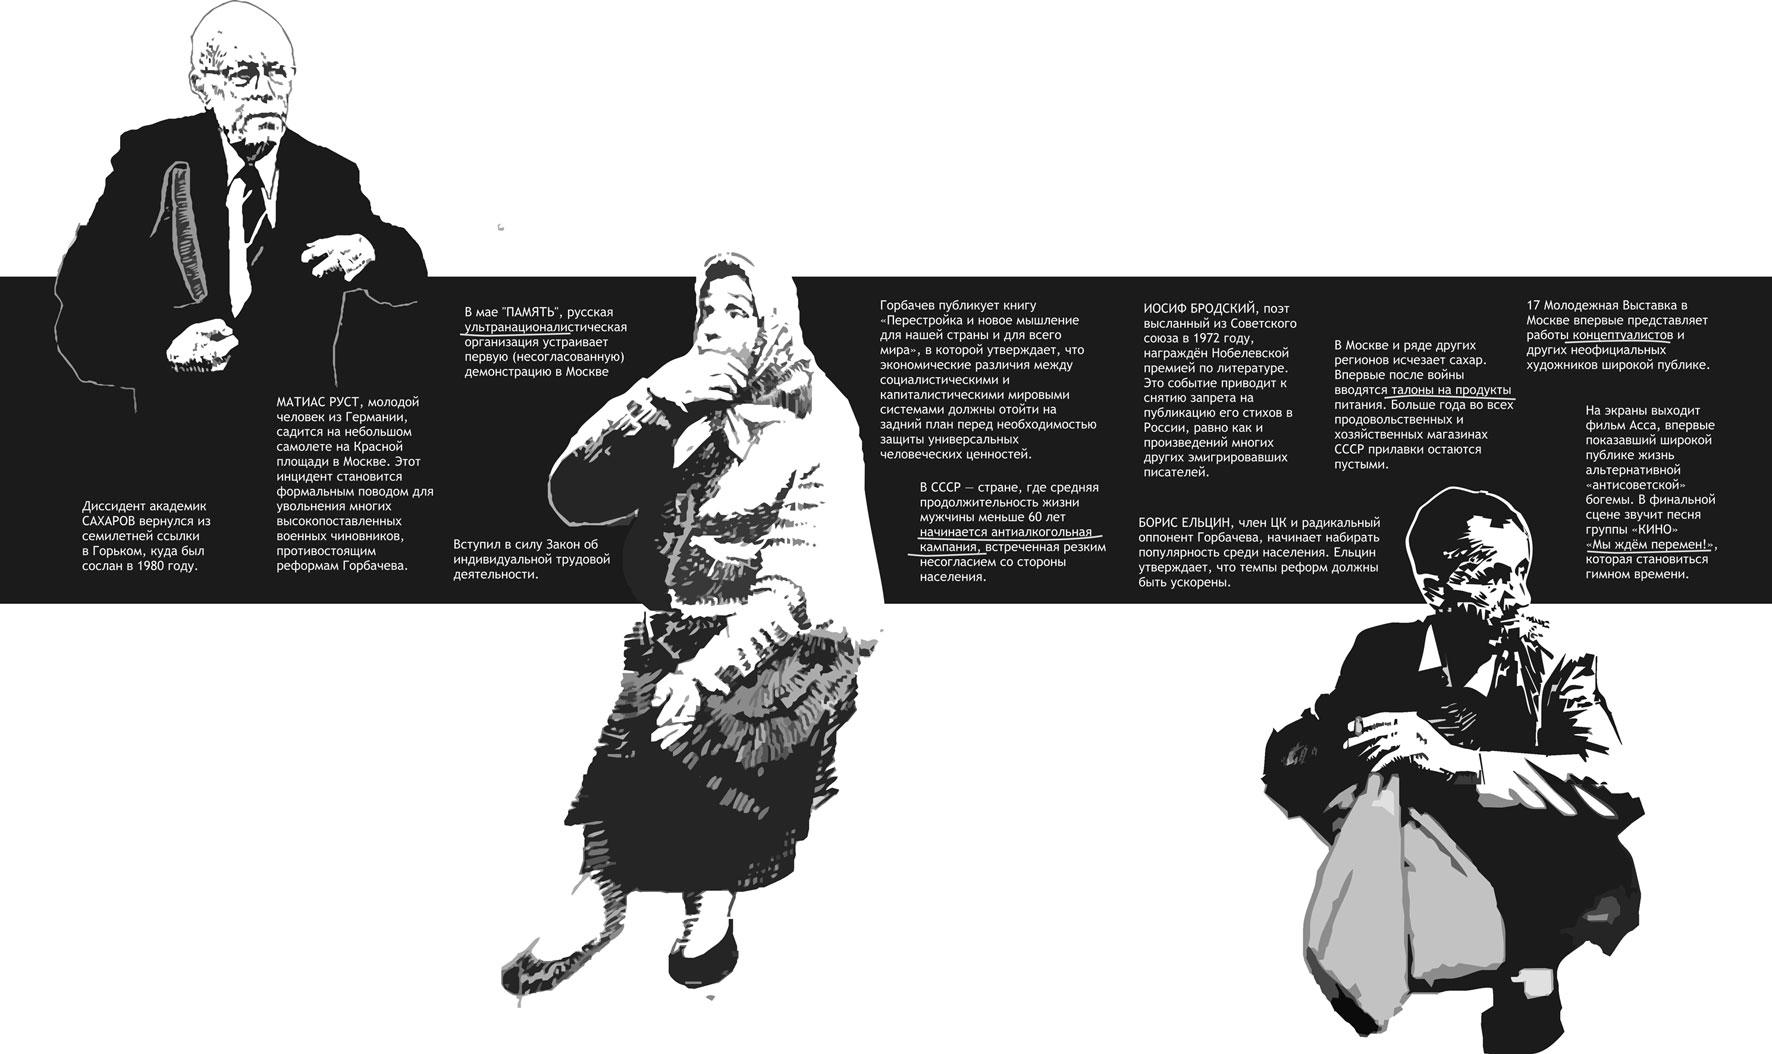 Хроники перестройки. Графика Н. Олейникова; концепция, исследование и реализация «Что делать?» (Т. Кэмпбелл, Н. Олейников